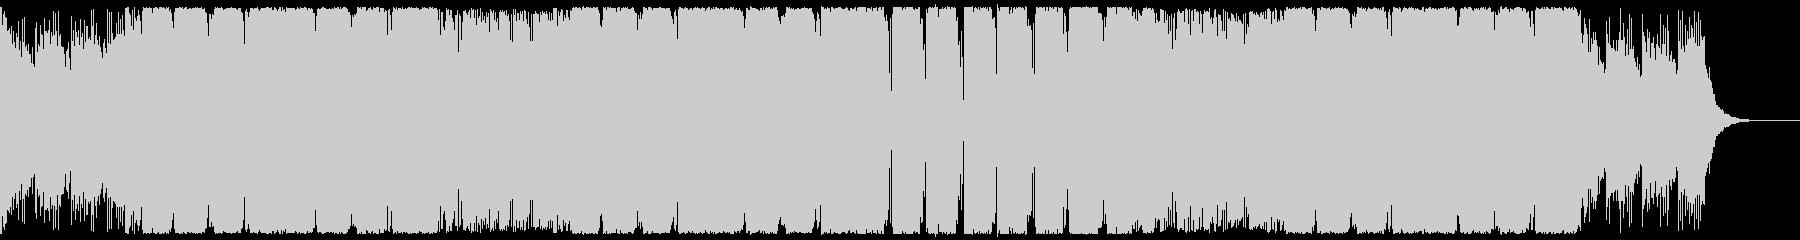 パワフルで重厚なEDM CM・映像等にの未再生の波形